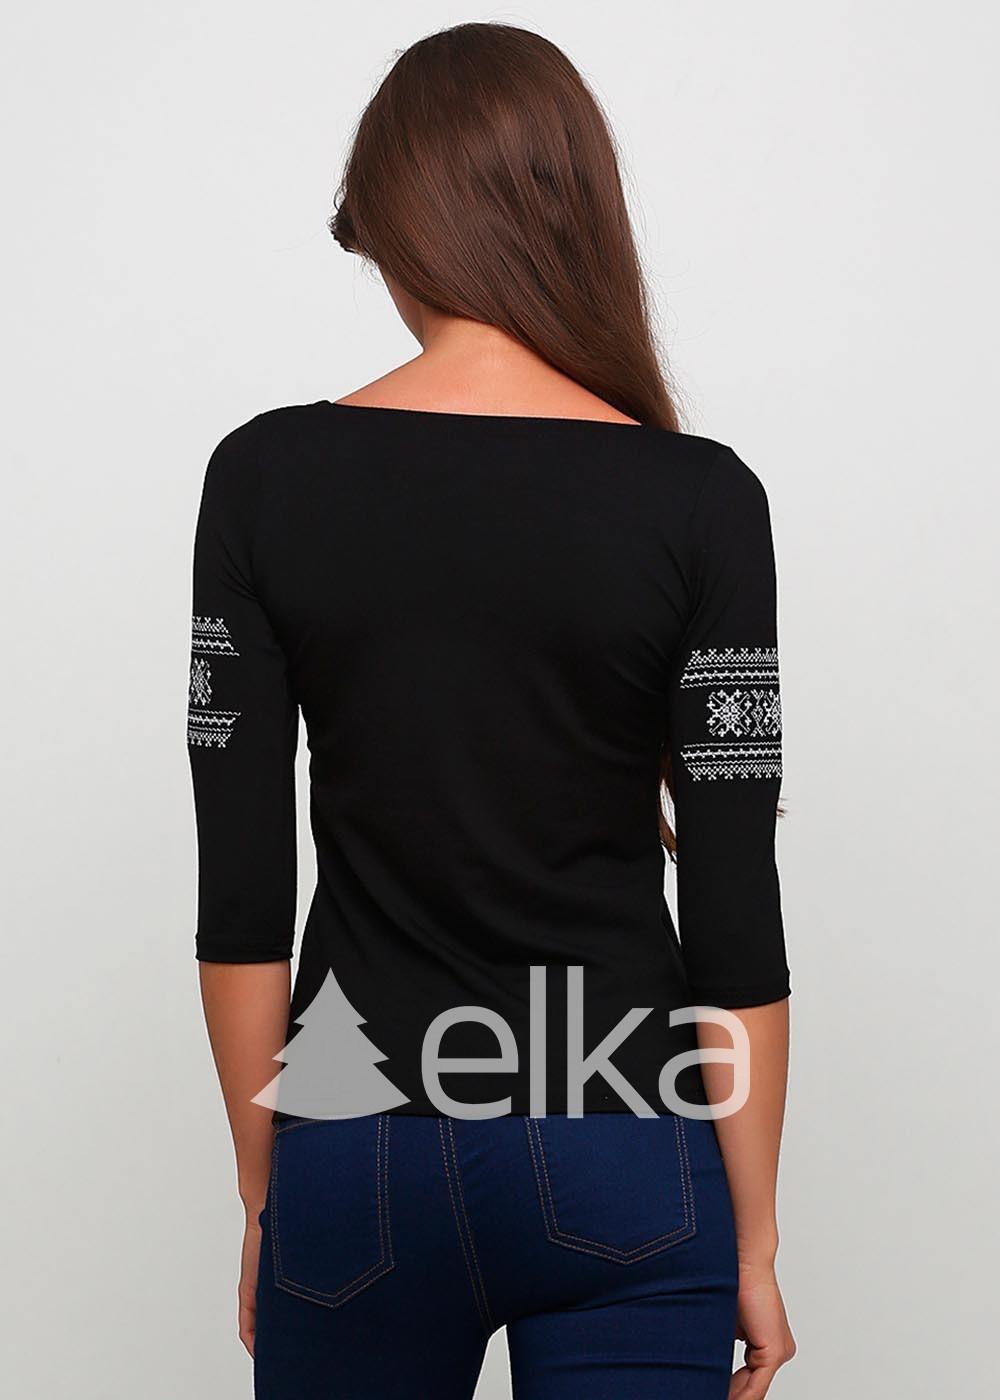 Вышиванка женская черная классическая вышивка